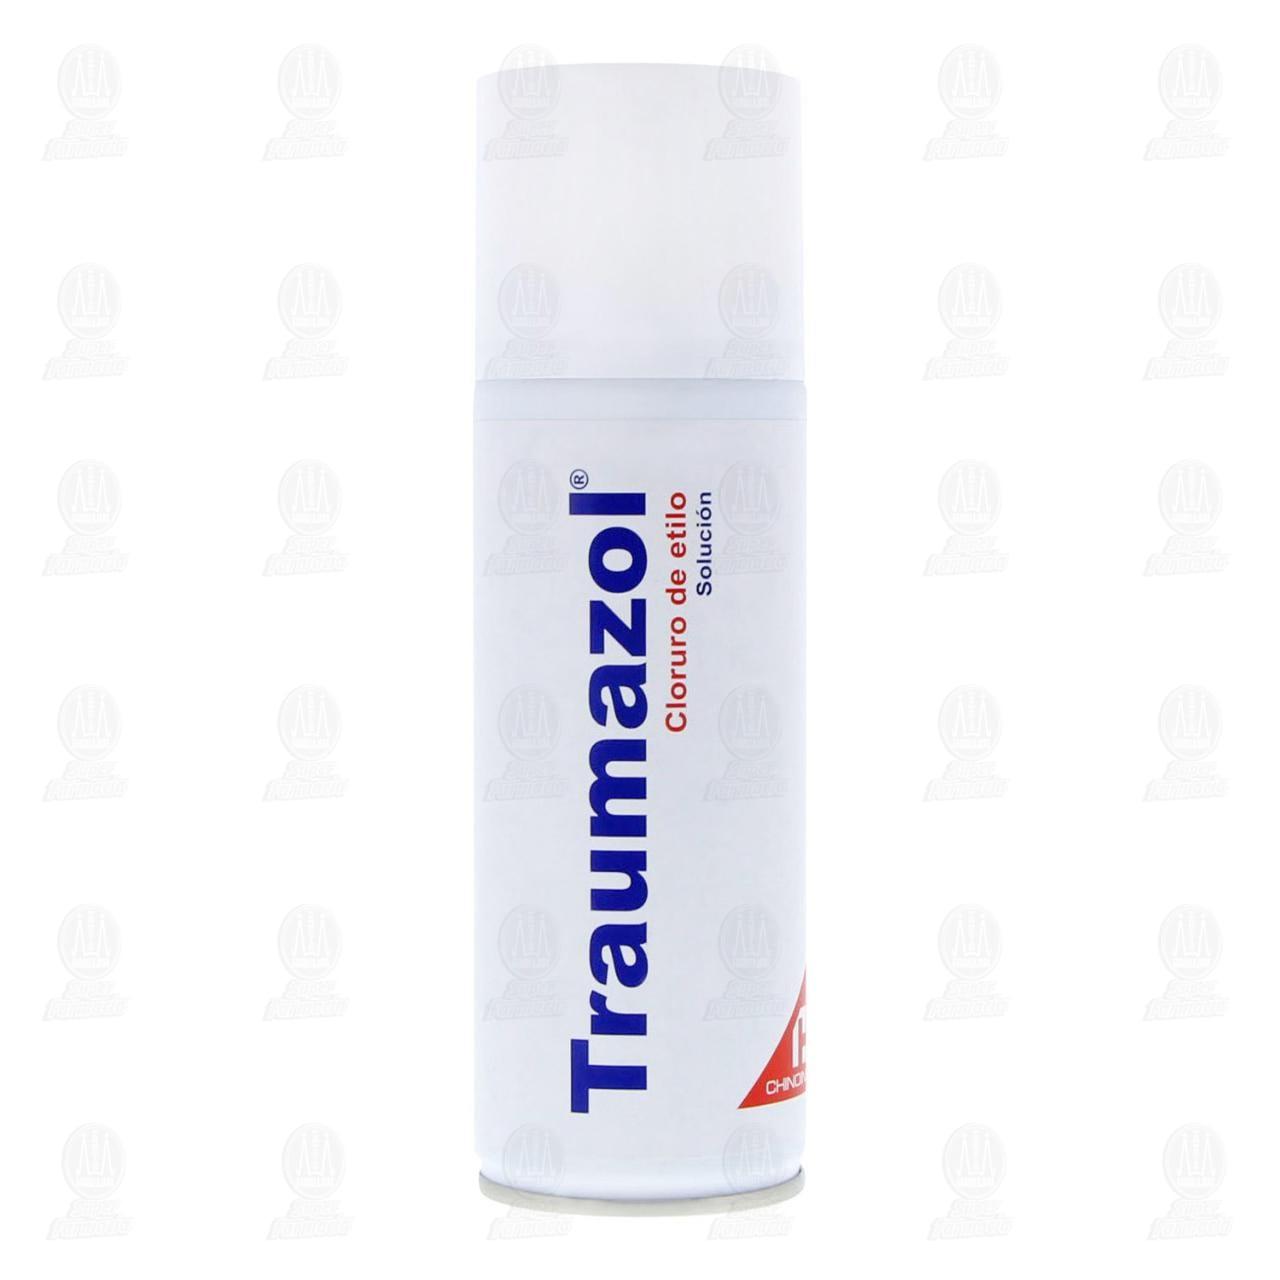 Comprar Traumazol 175ml Solución en Farmacias Guadalajara